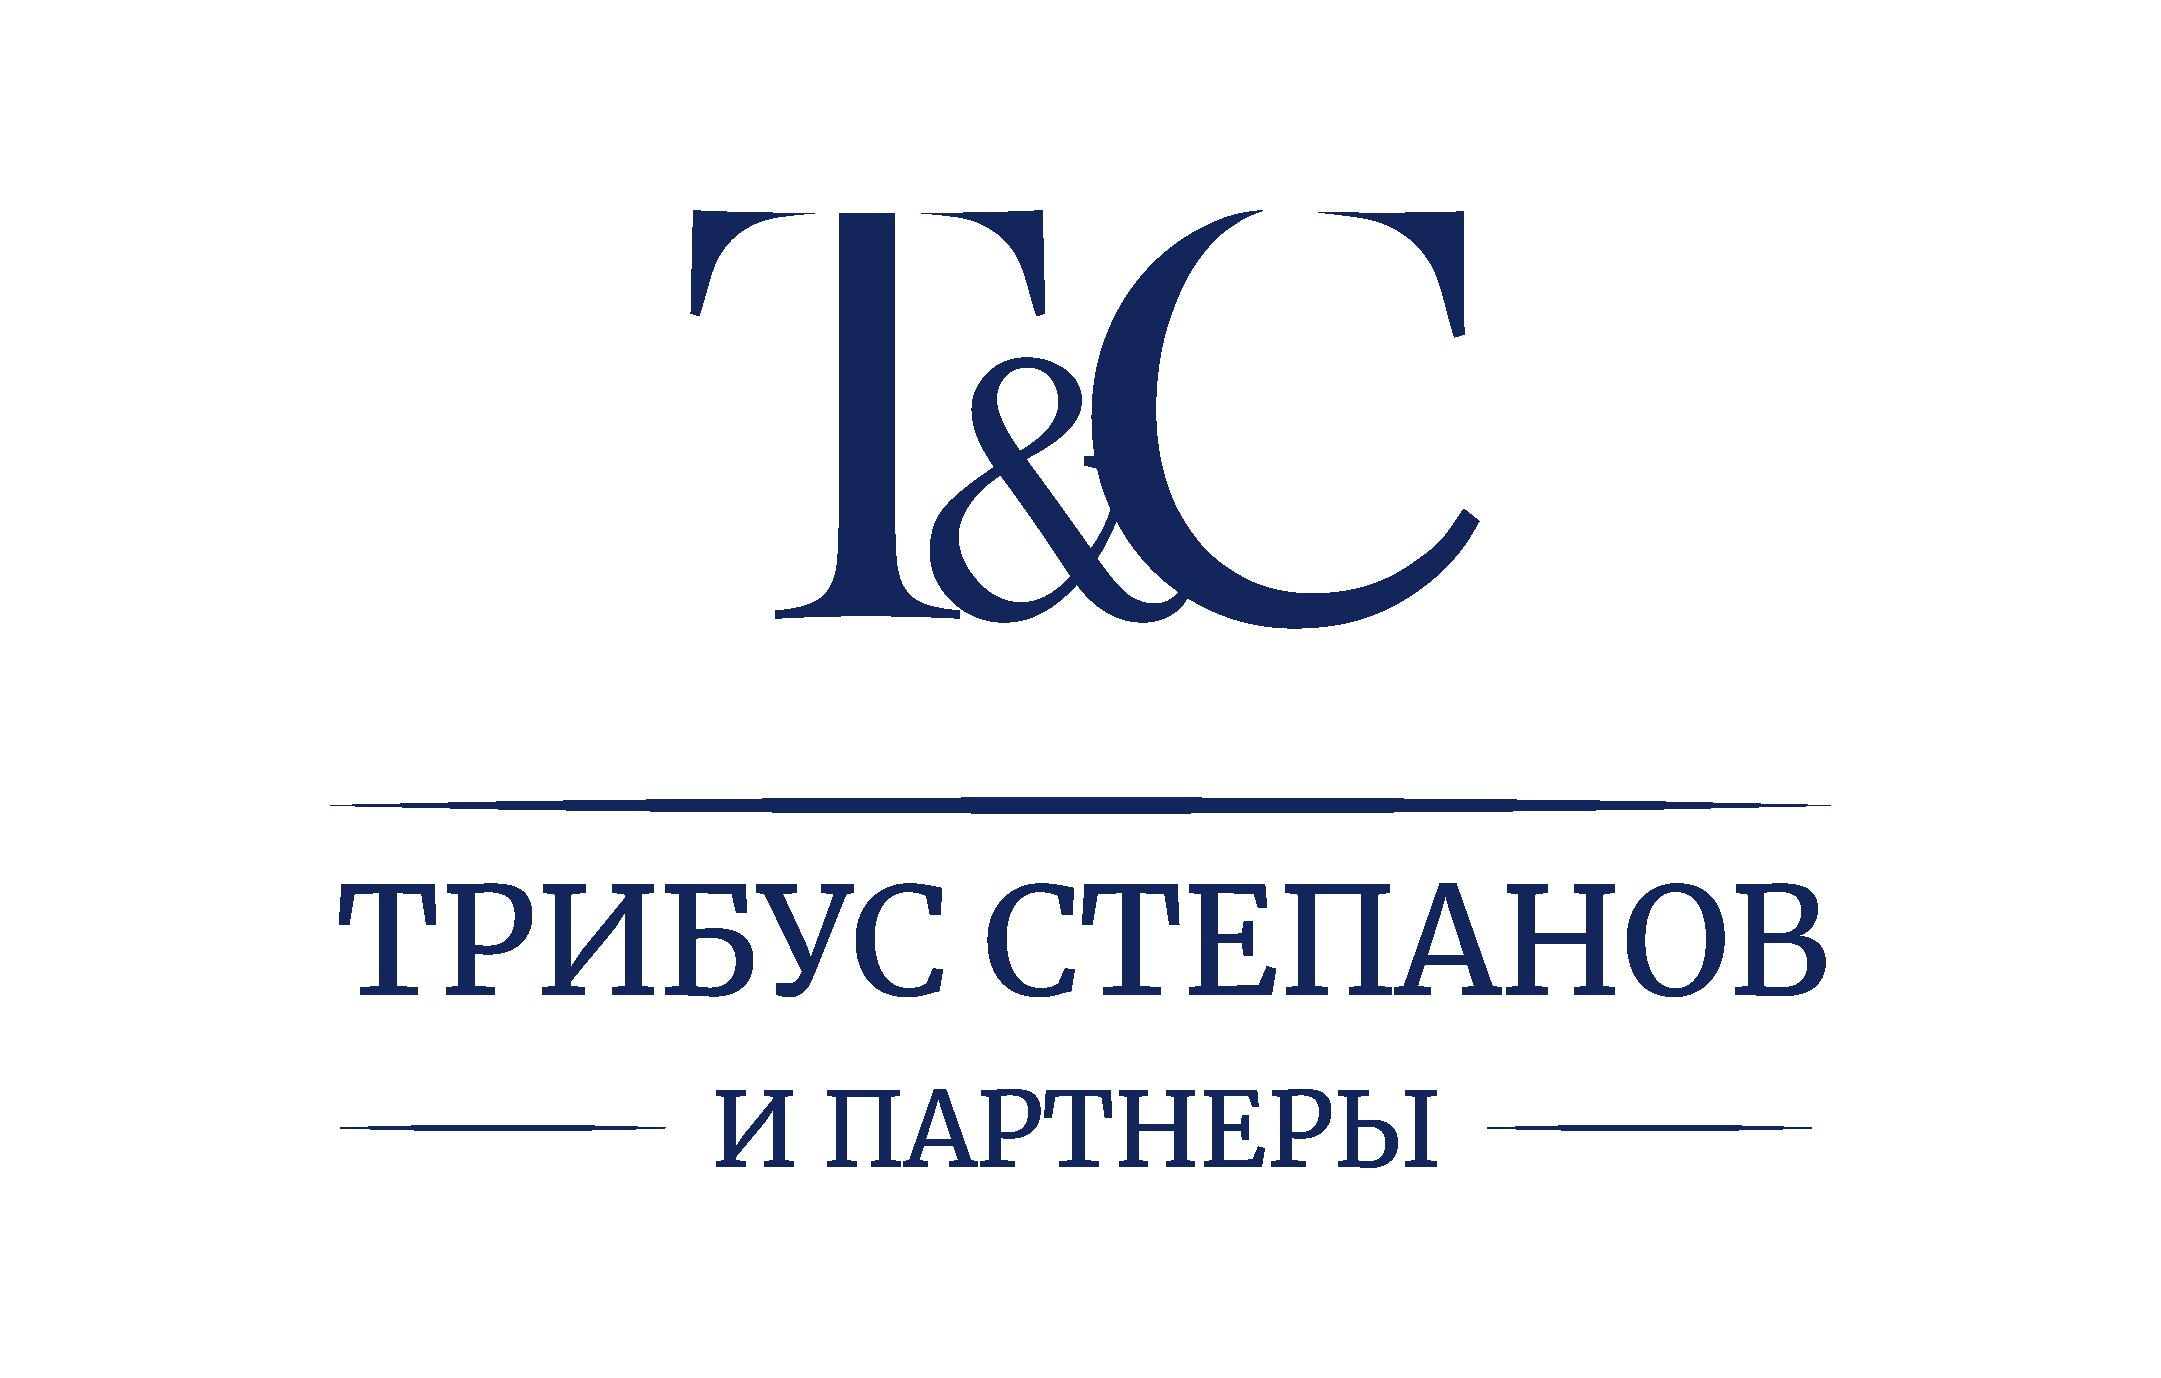 ОБЩЕСТВО С ОГРАНИЧЕННОЙ ОТВЕТСТВЕННОСТЬЮ «Трибус, Степанов и партнеры»